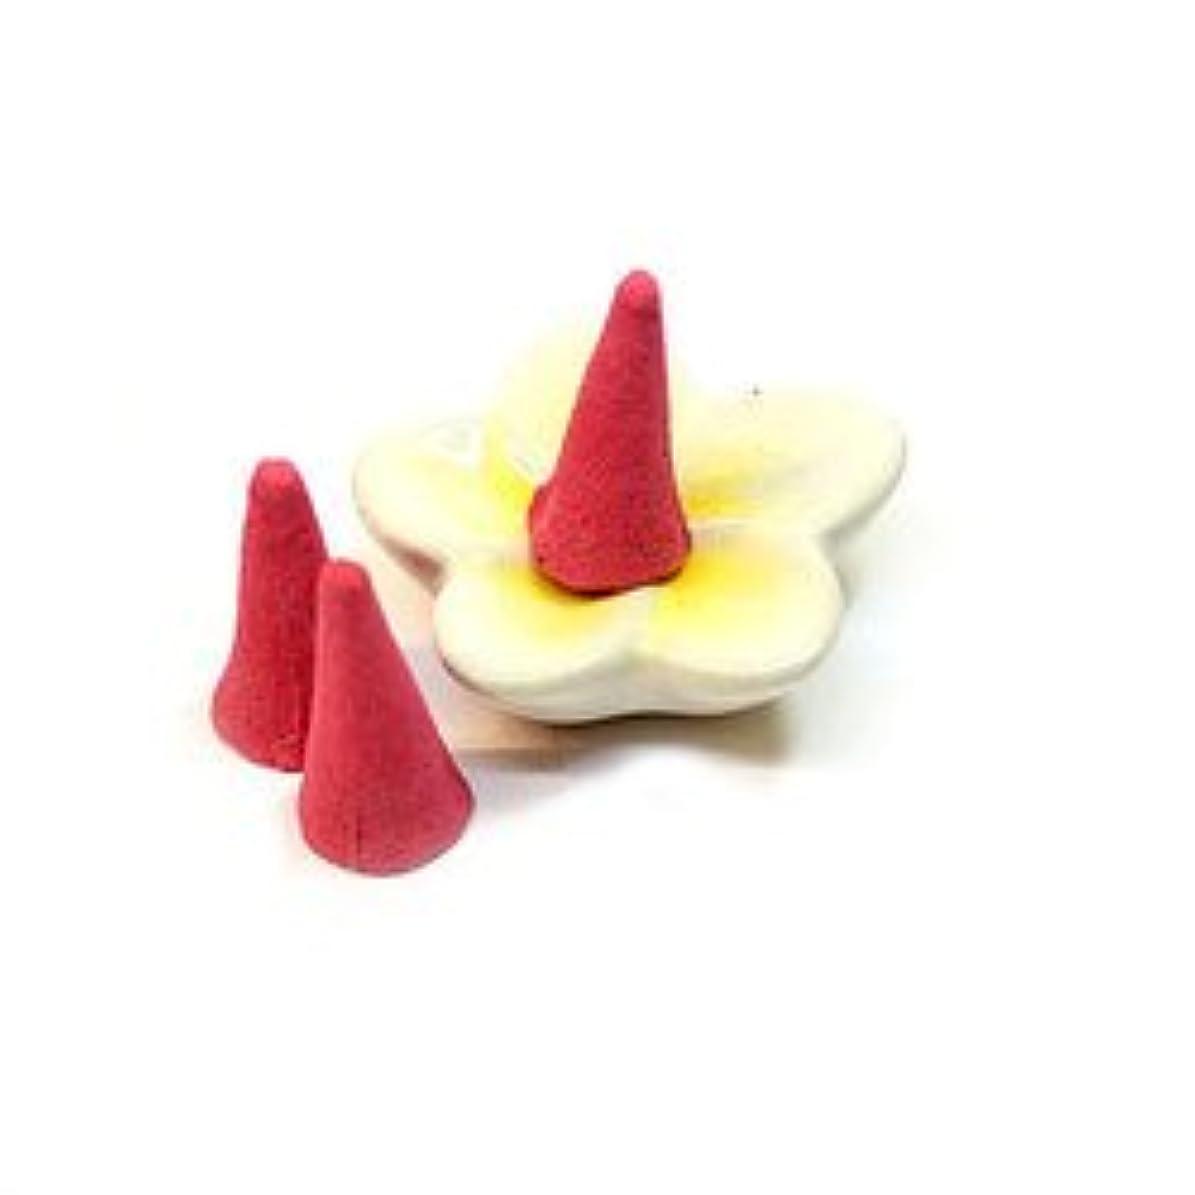 確保するクラッシュ普通のタイのお香 コーンタイプ インセンス ロータス アジアン雑貨